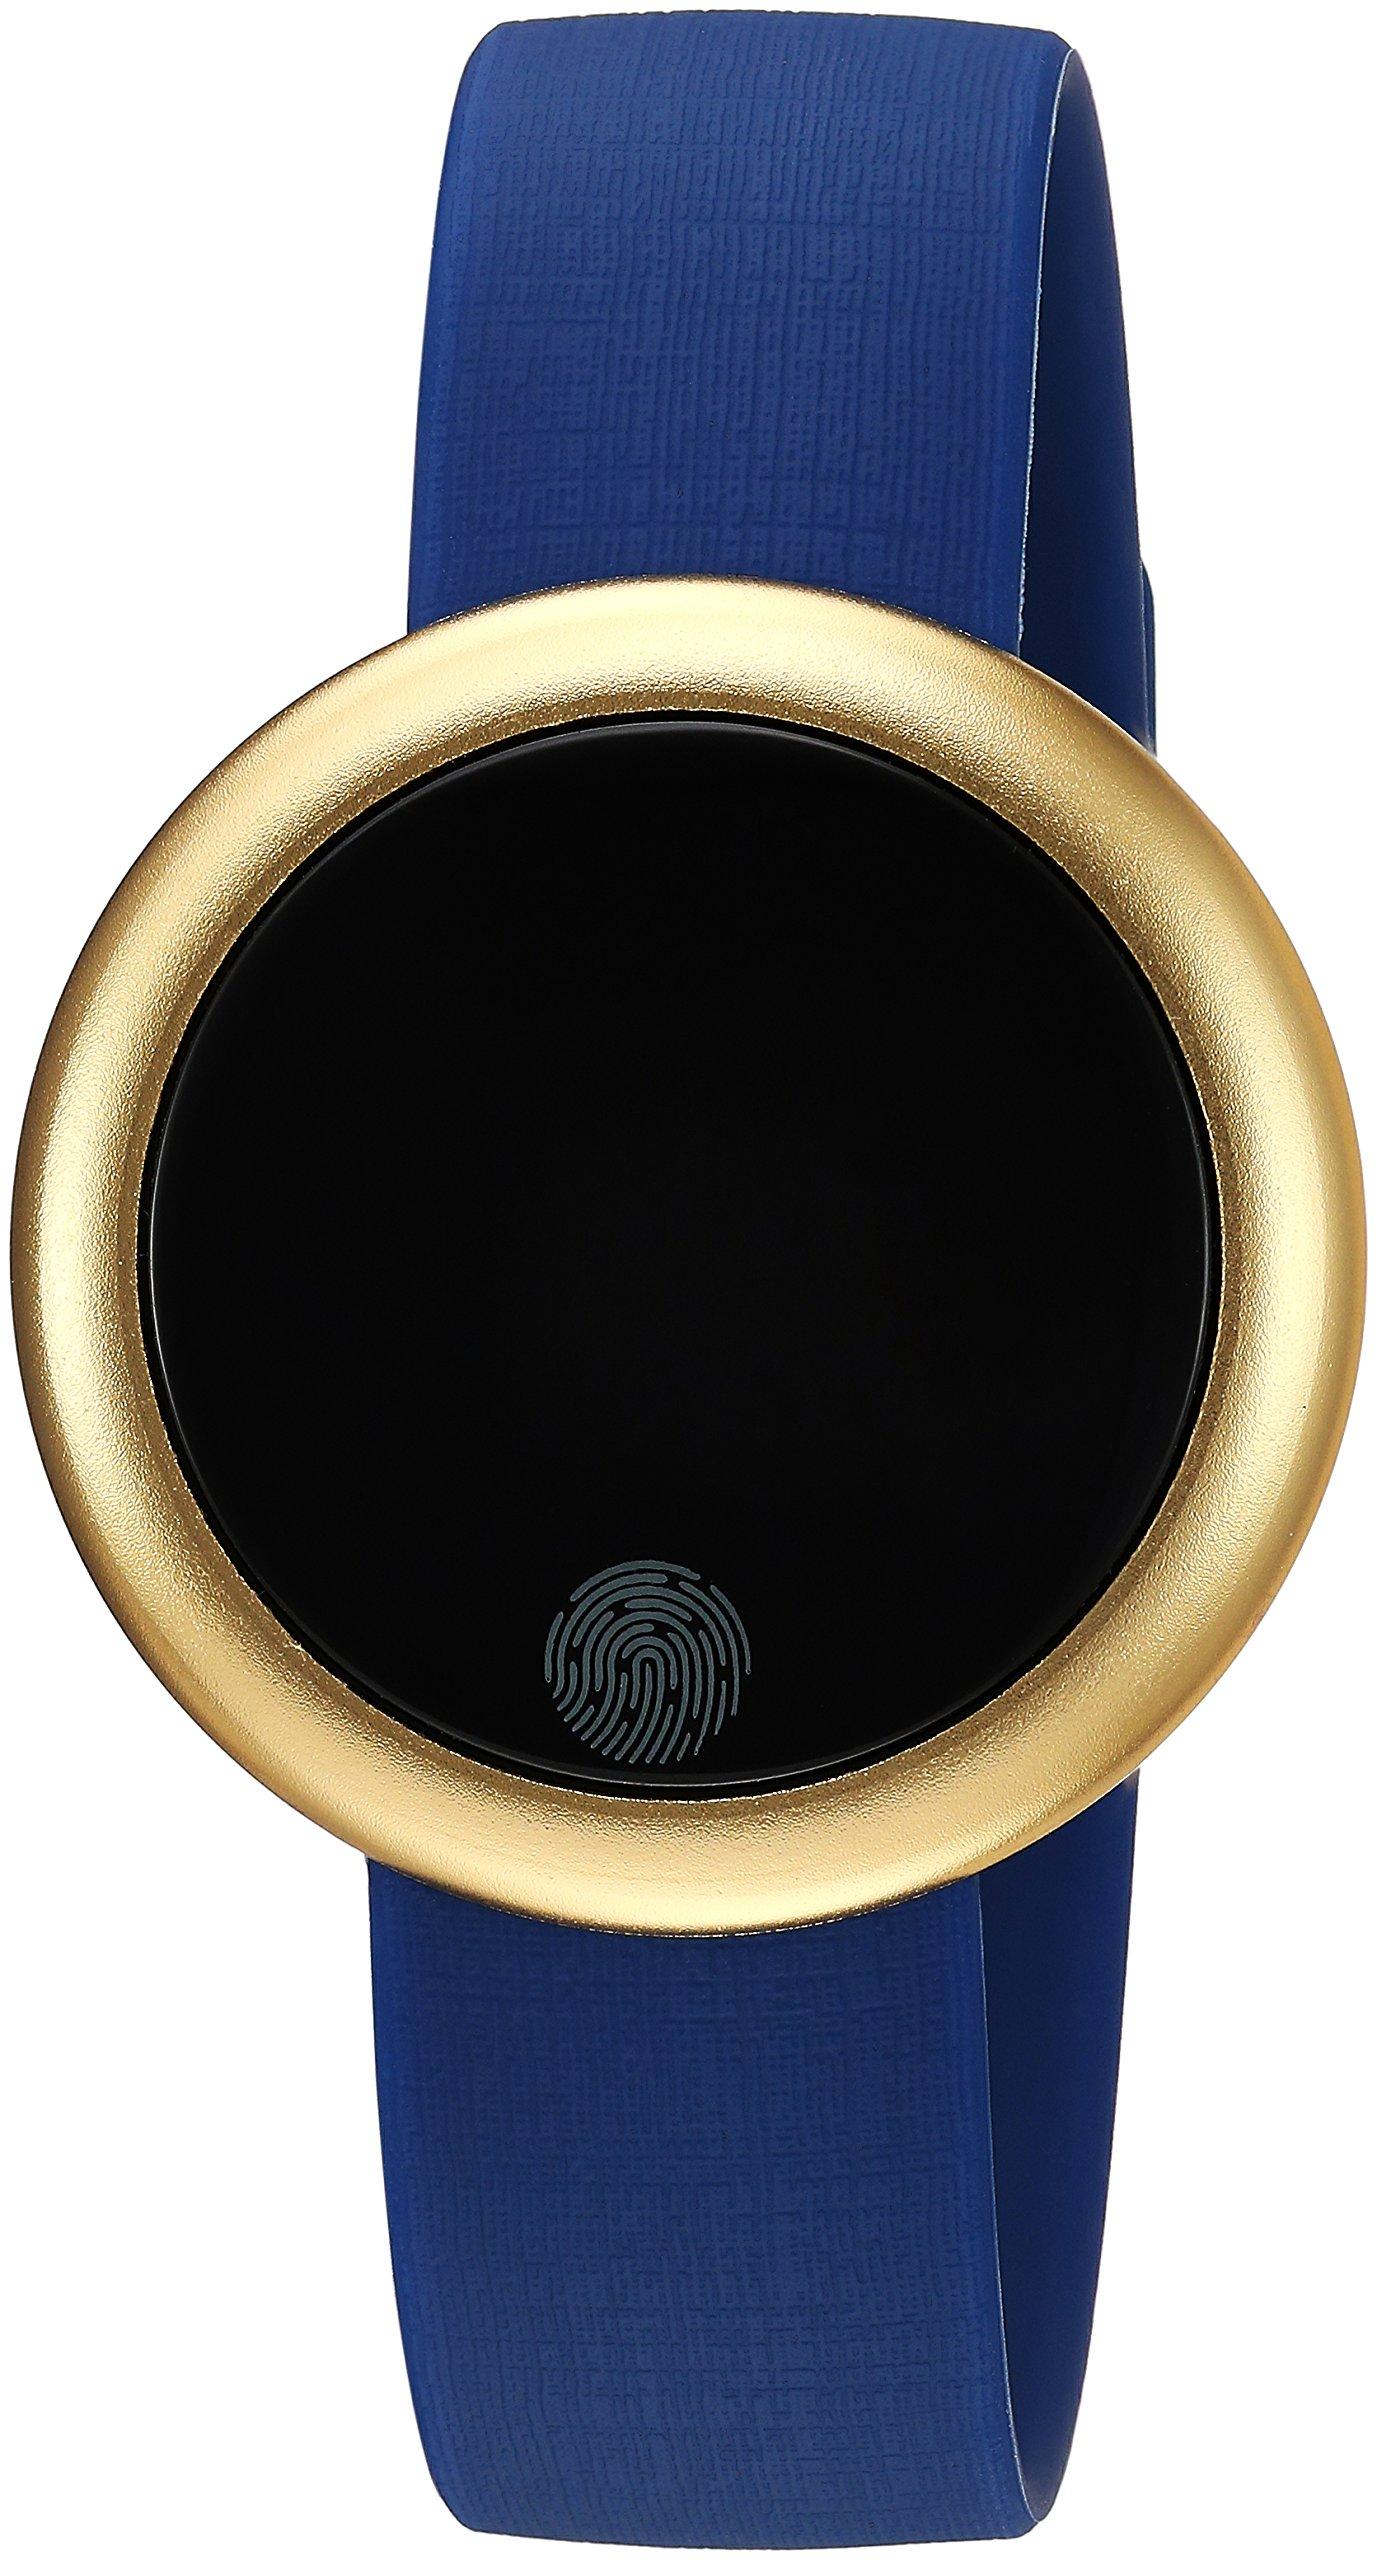 Emotion Quartz Metal and Polyurethane Smart Watch, Color:Blue (Model: FMDEM006)